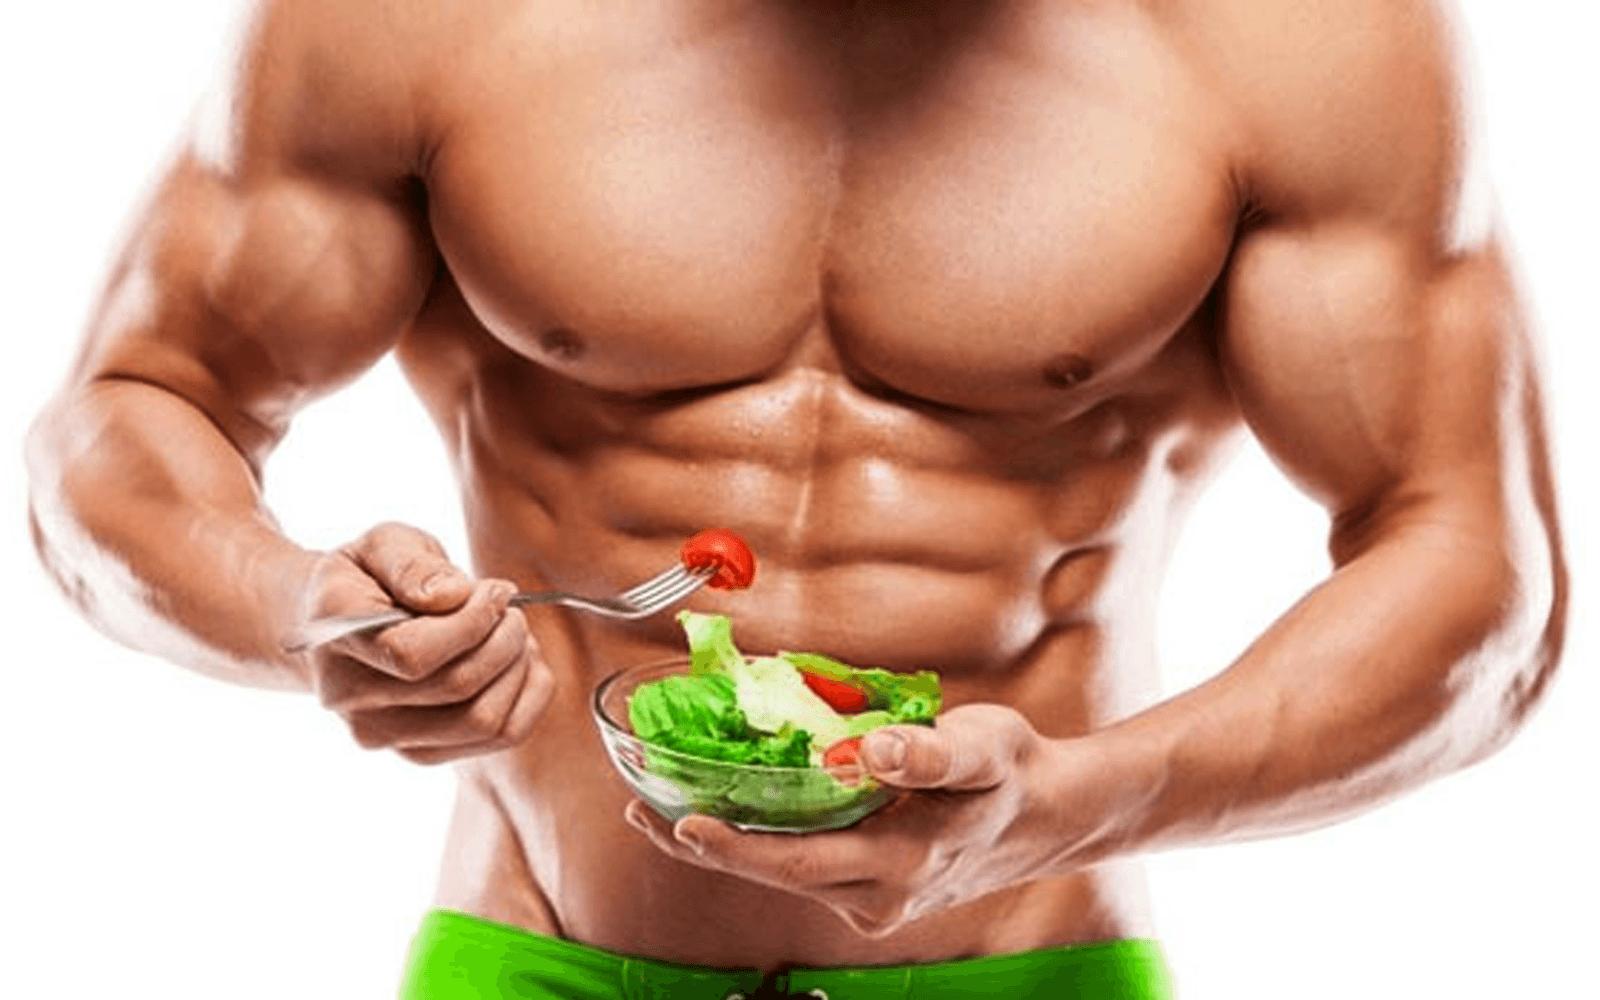 Сбросить Вес С Помощью Спортивного Питания. Спортивные добавки для похудения